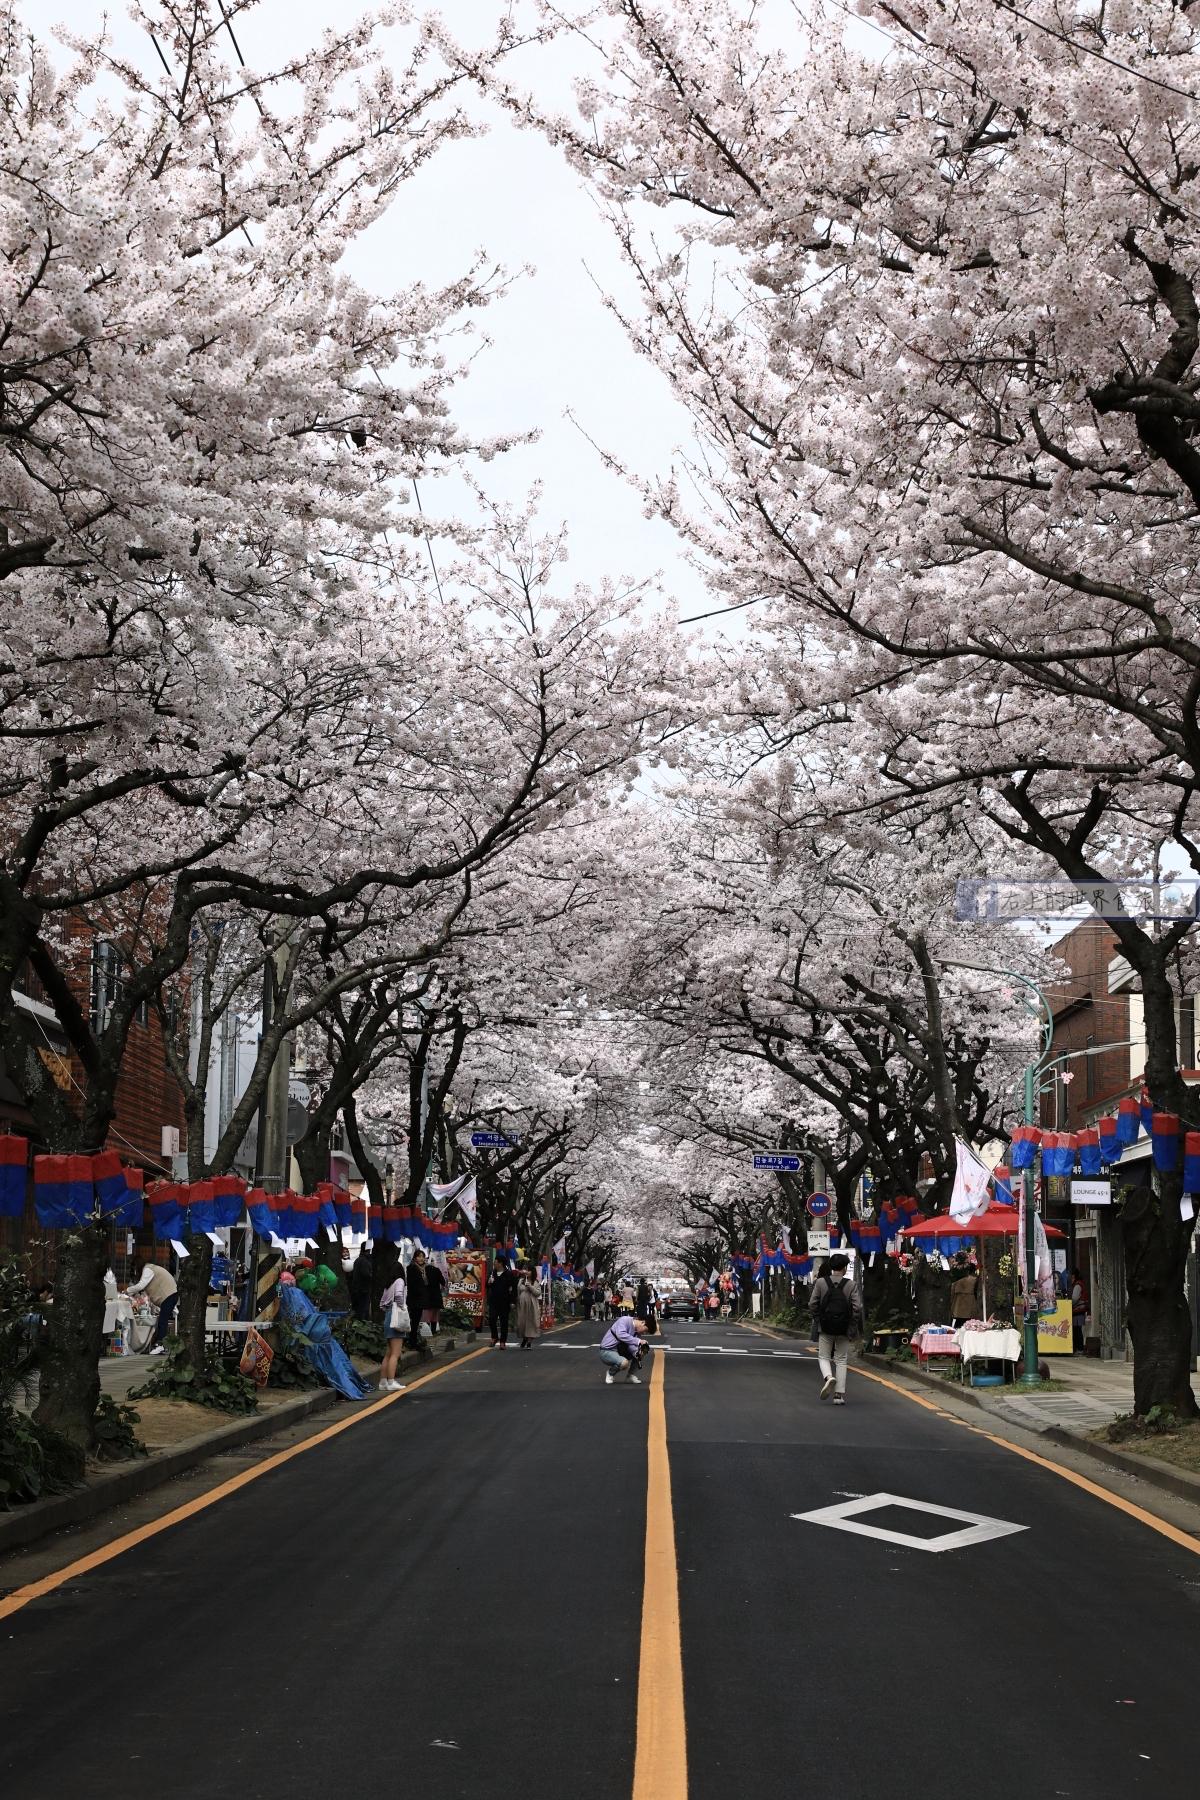 濟州島 典農路櫻花大道,賞櫻必去!逛市集、吃小吃,春天限定活動超好玩 @右上的世界食旅